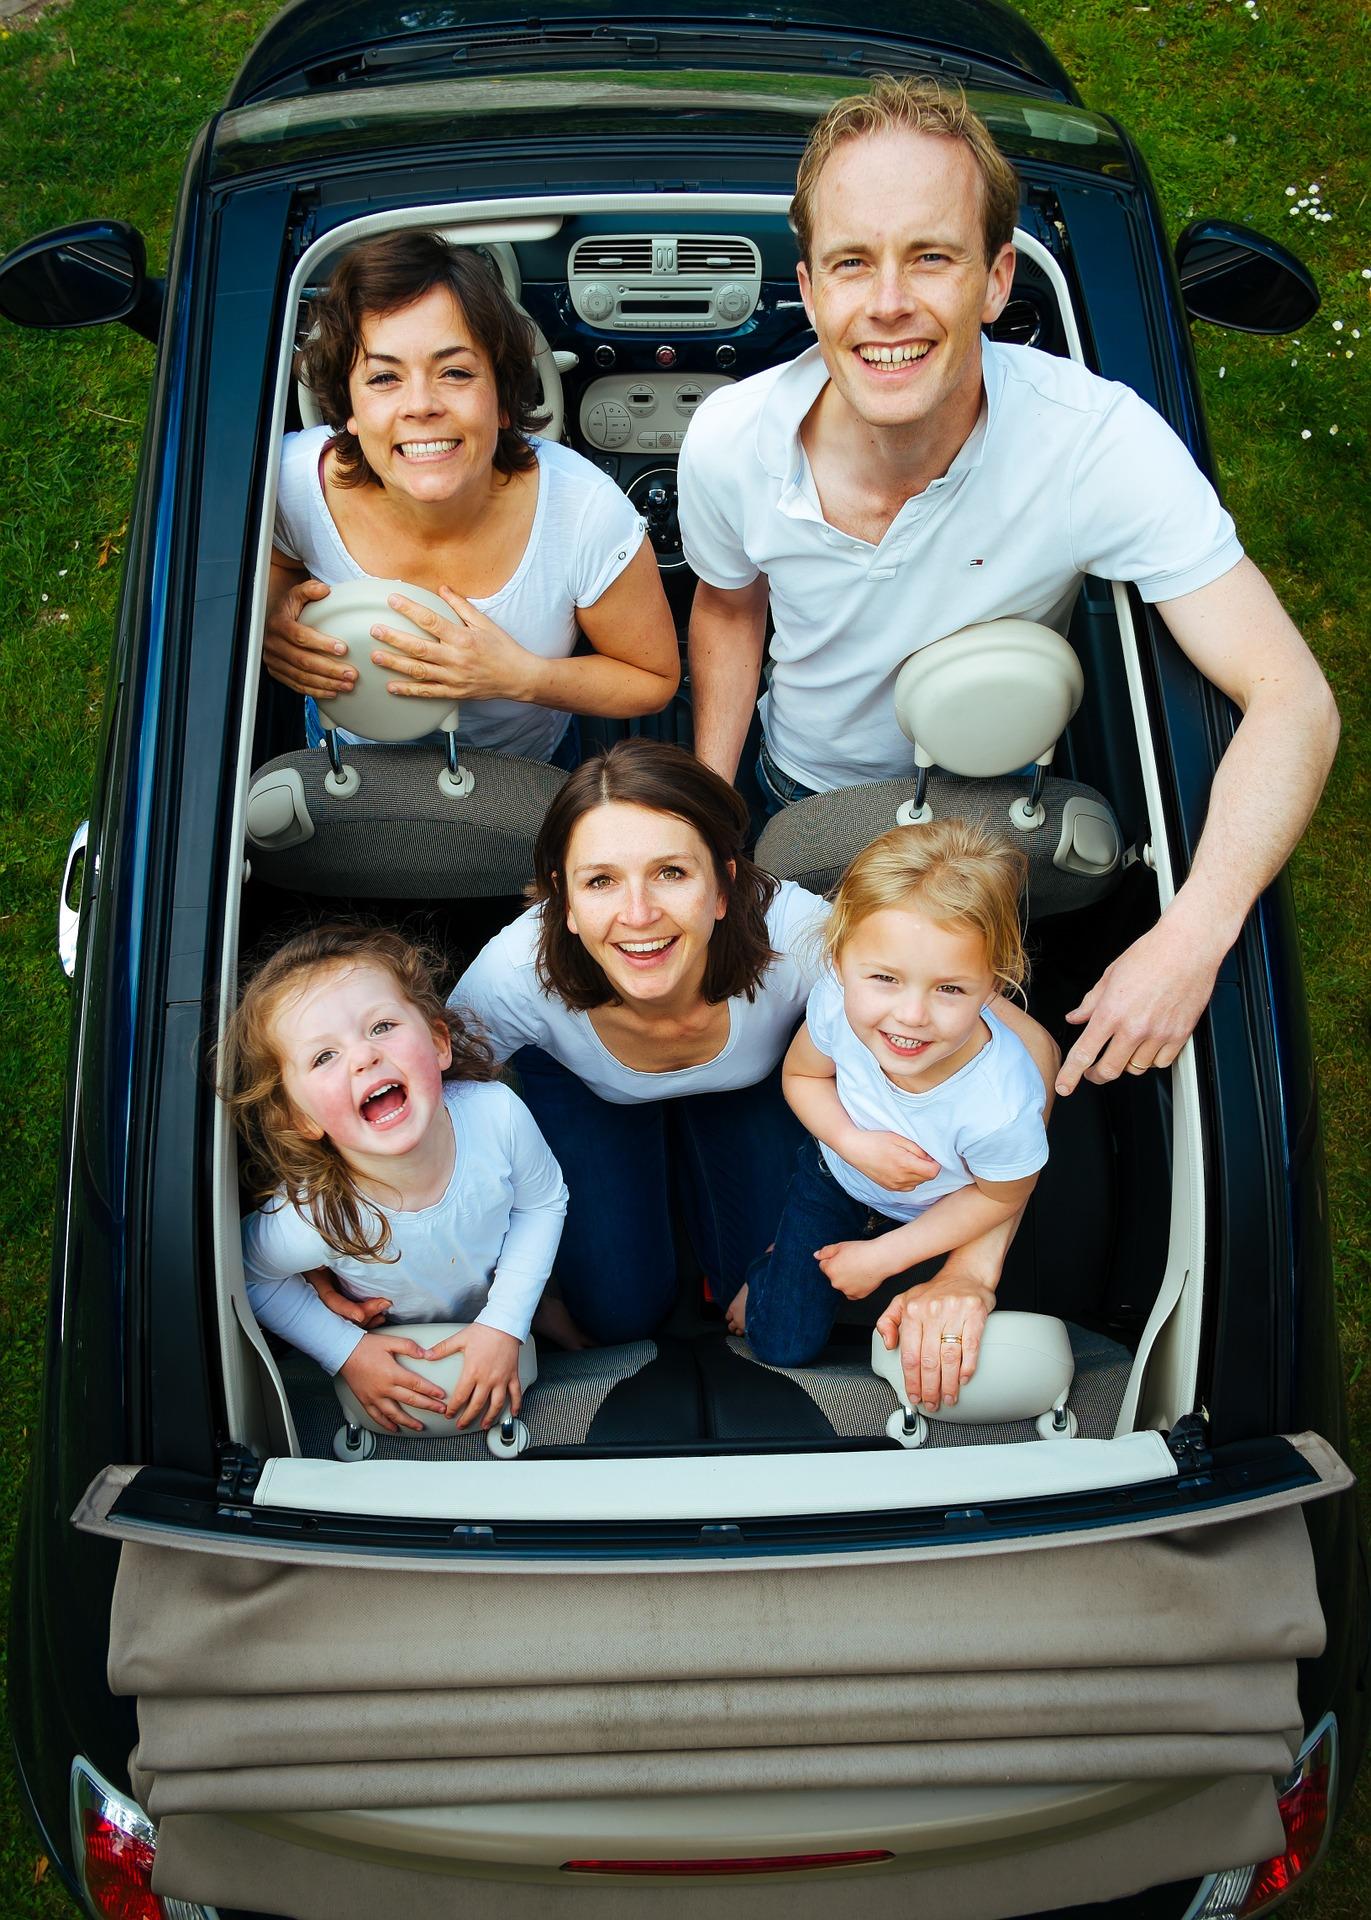 Auf geht's in den Familienurlaub